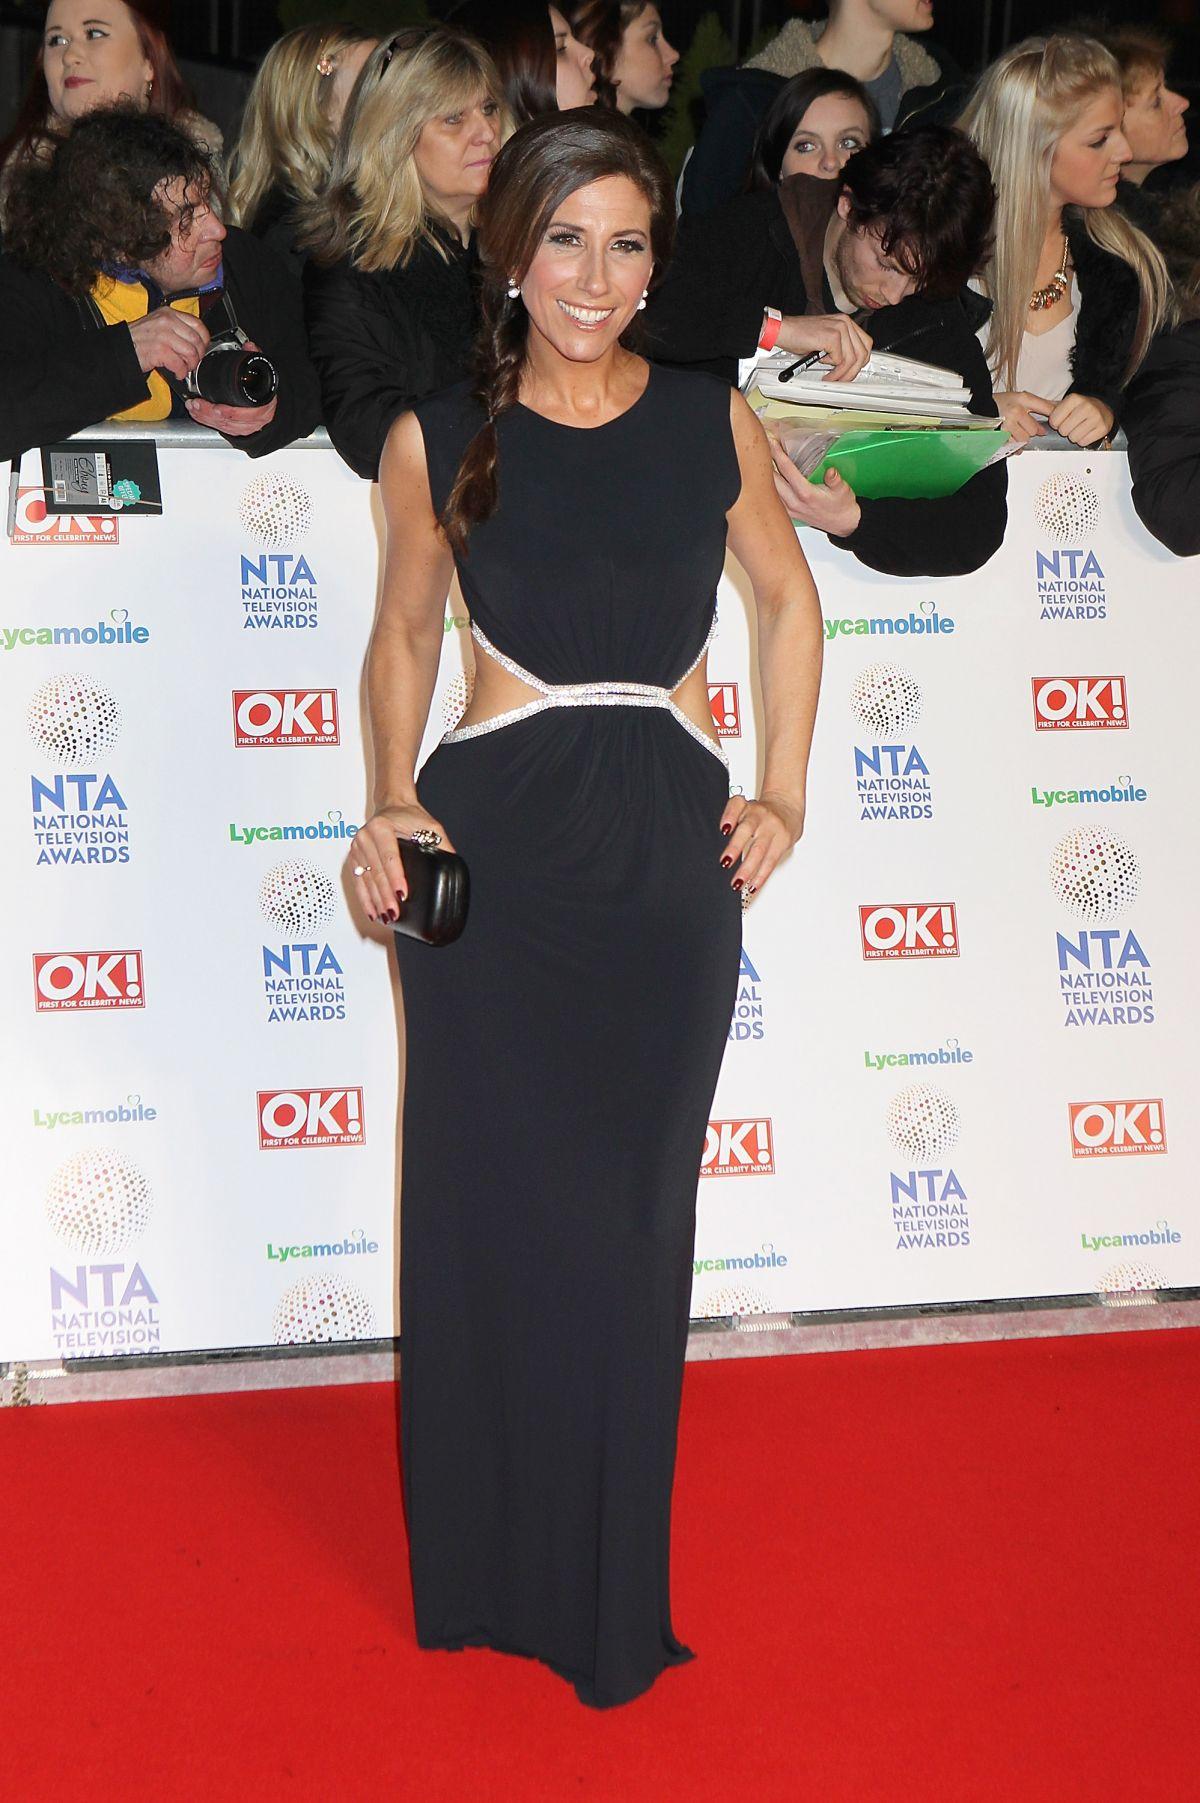 GAYNOR FAYE at 2014 National Television Awards in London